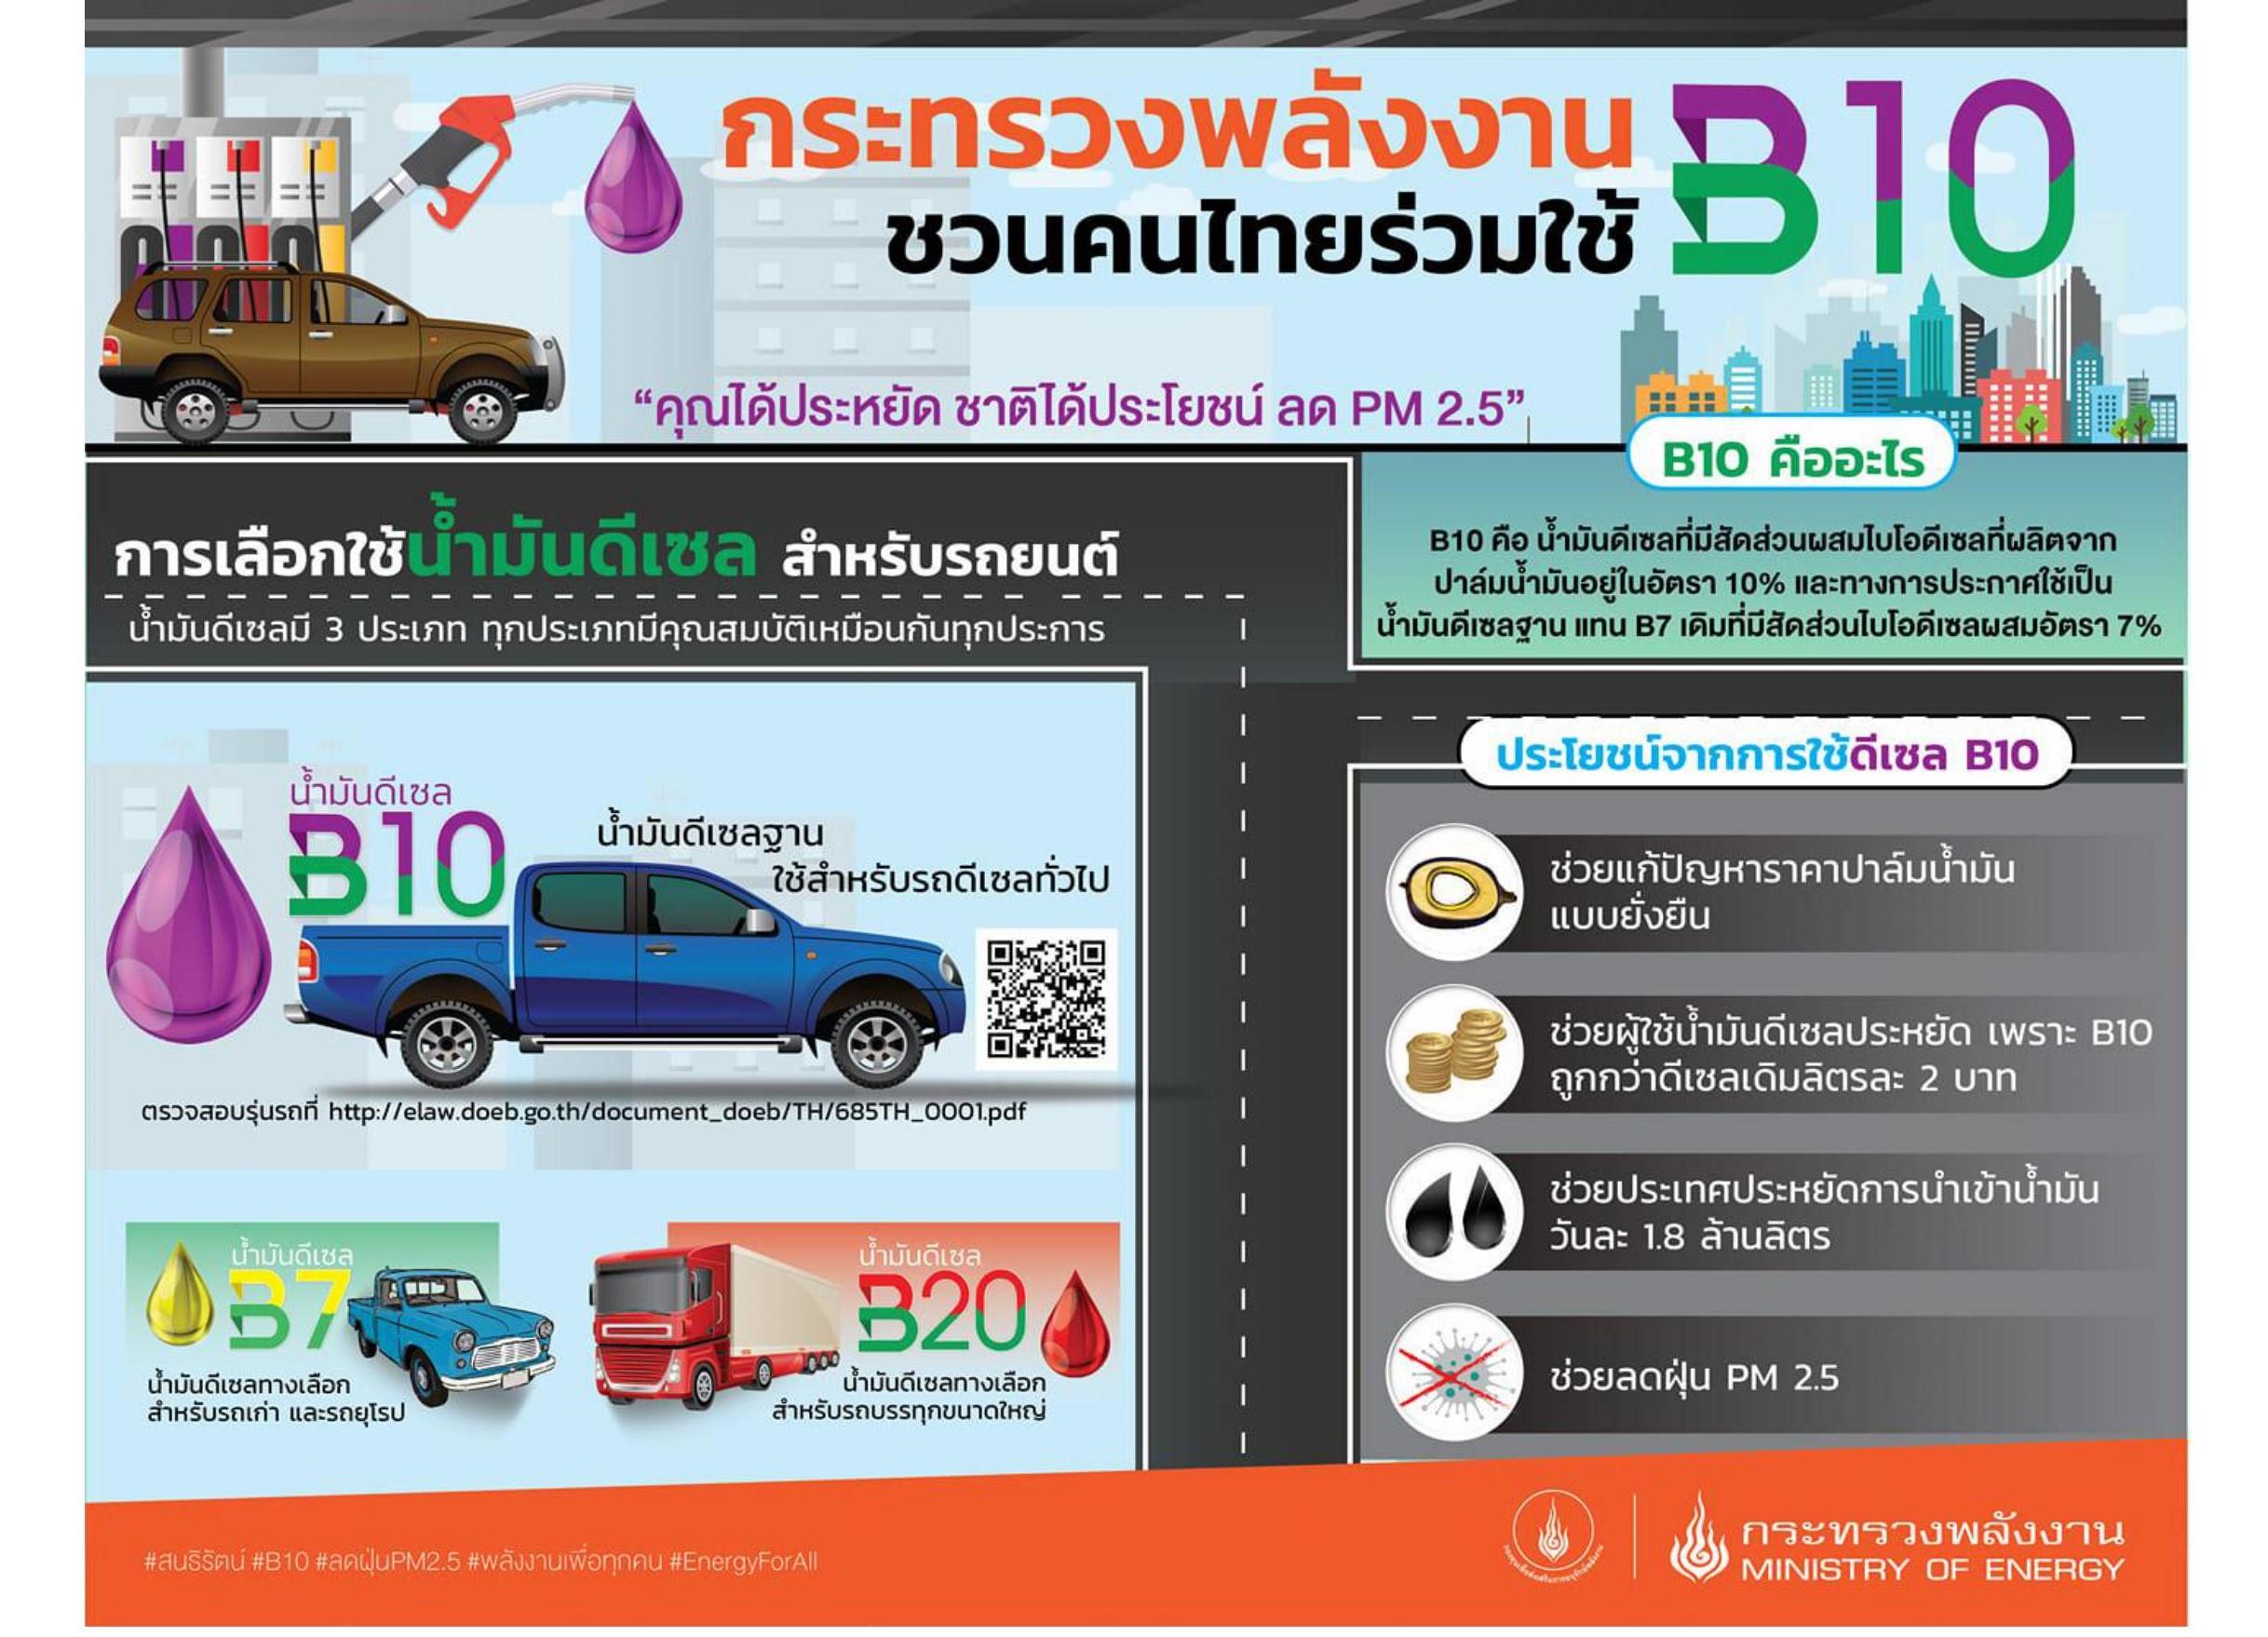 กระทรวงพลังงาน - B10 คุณได้ประหยัด ชาติได้ประโยชน์ ลด PM 2.5